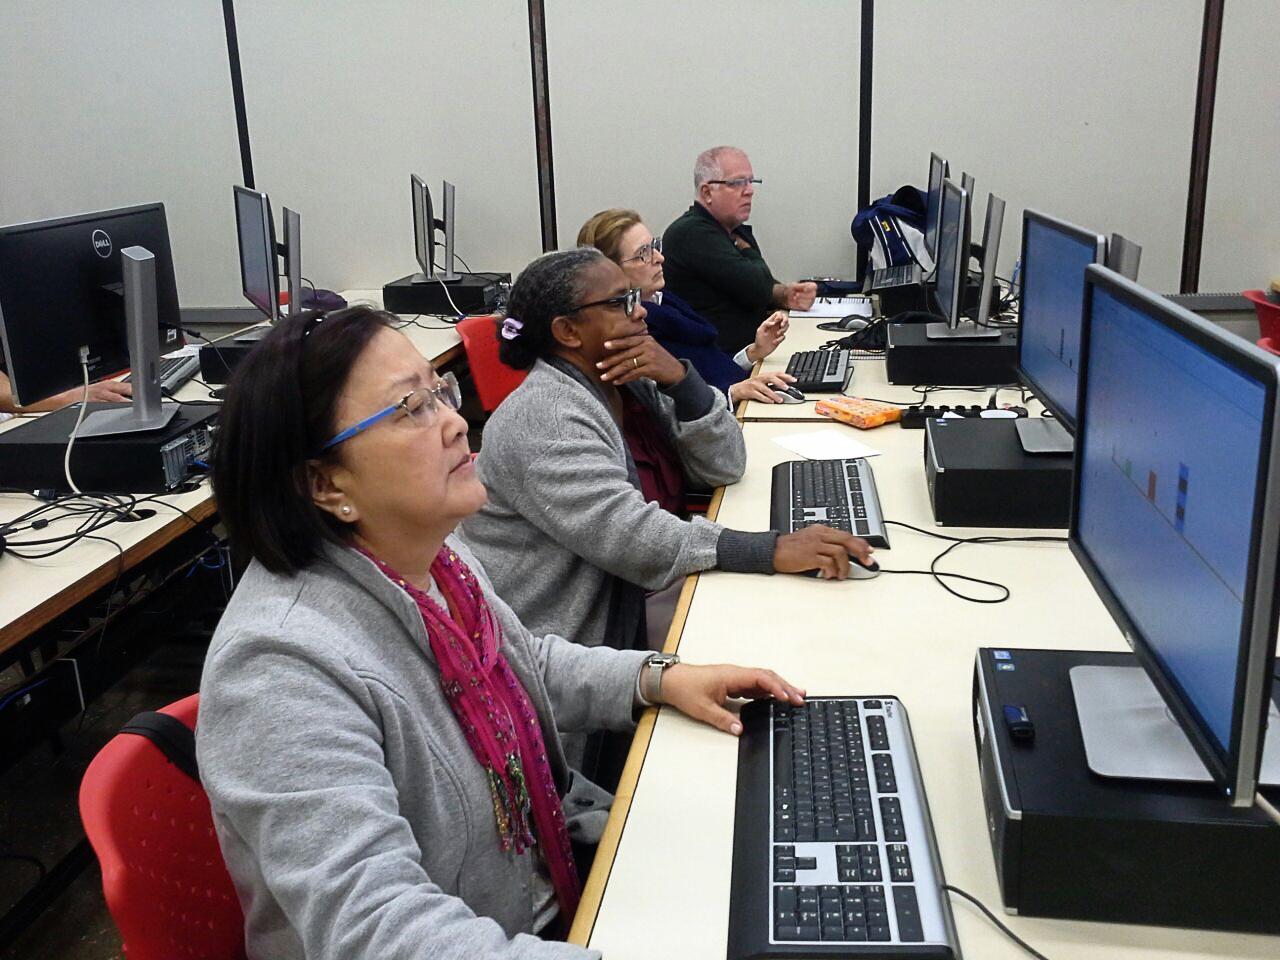 Quatro alunos durante a aula do curso Cérebro Ativo, estão em frente aos computadores